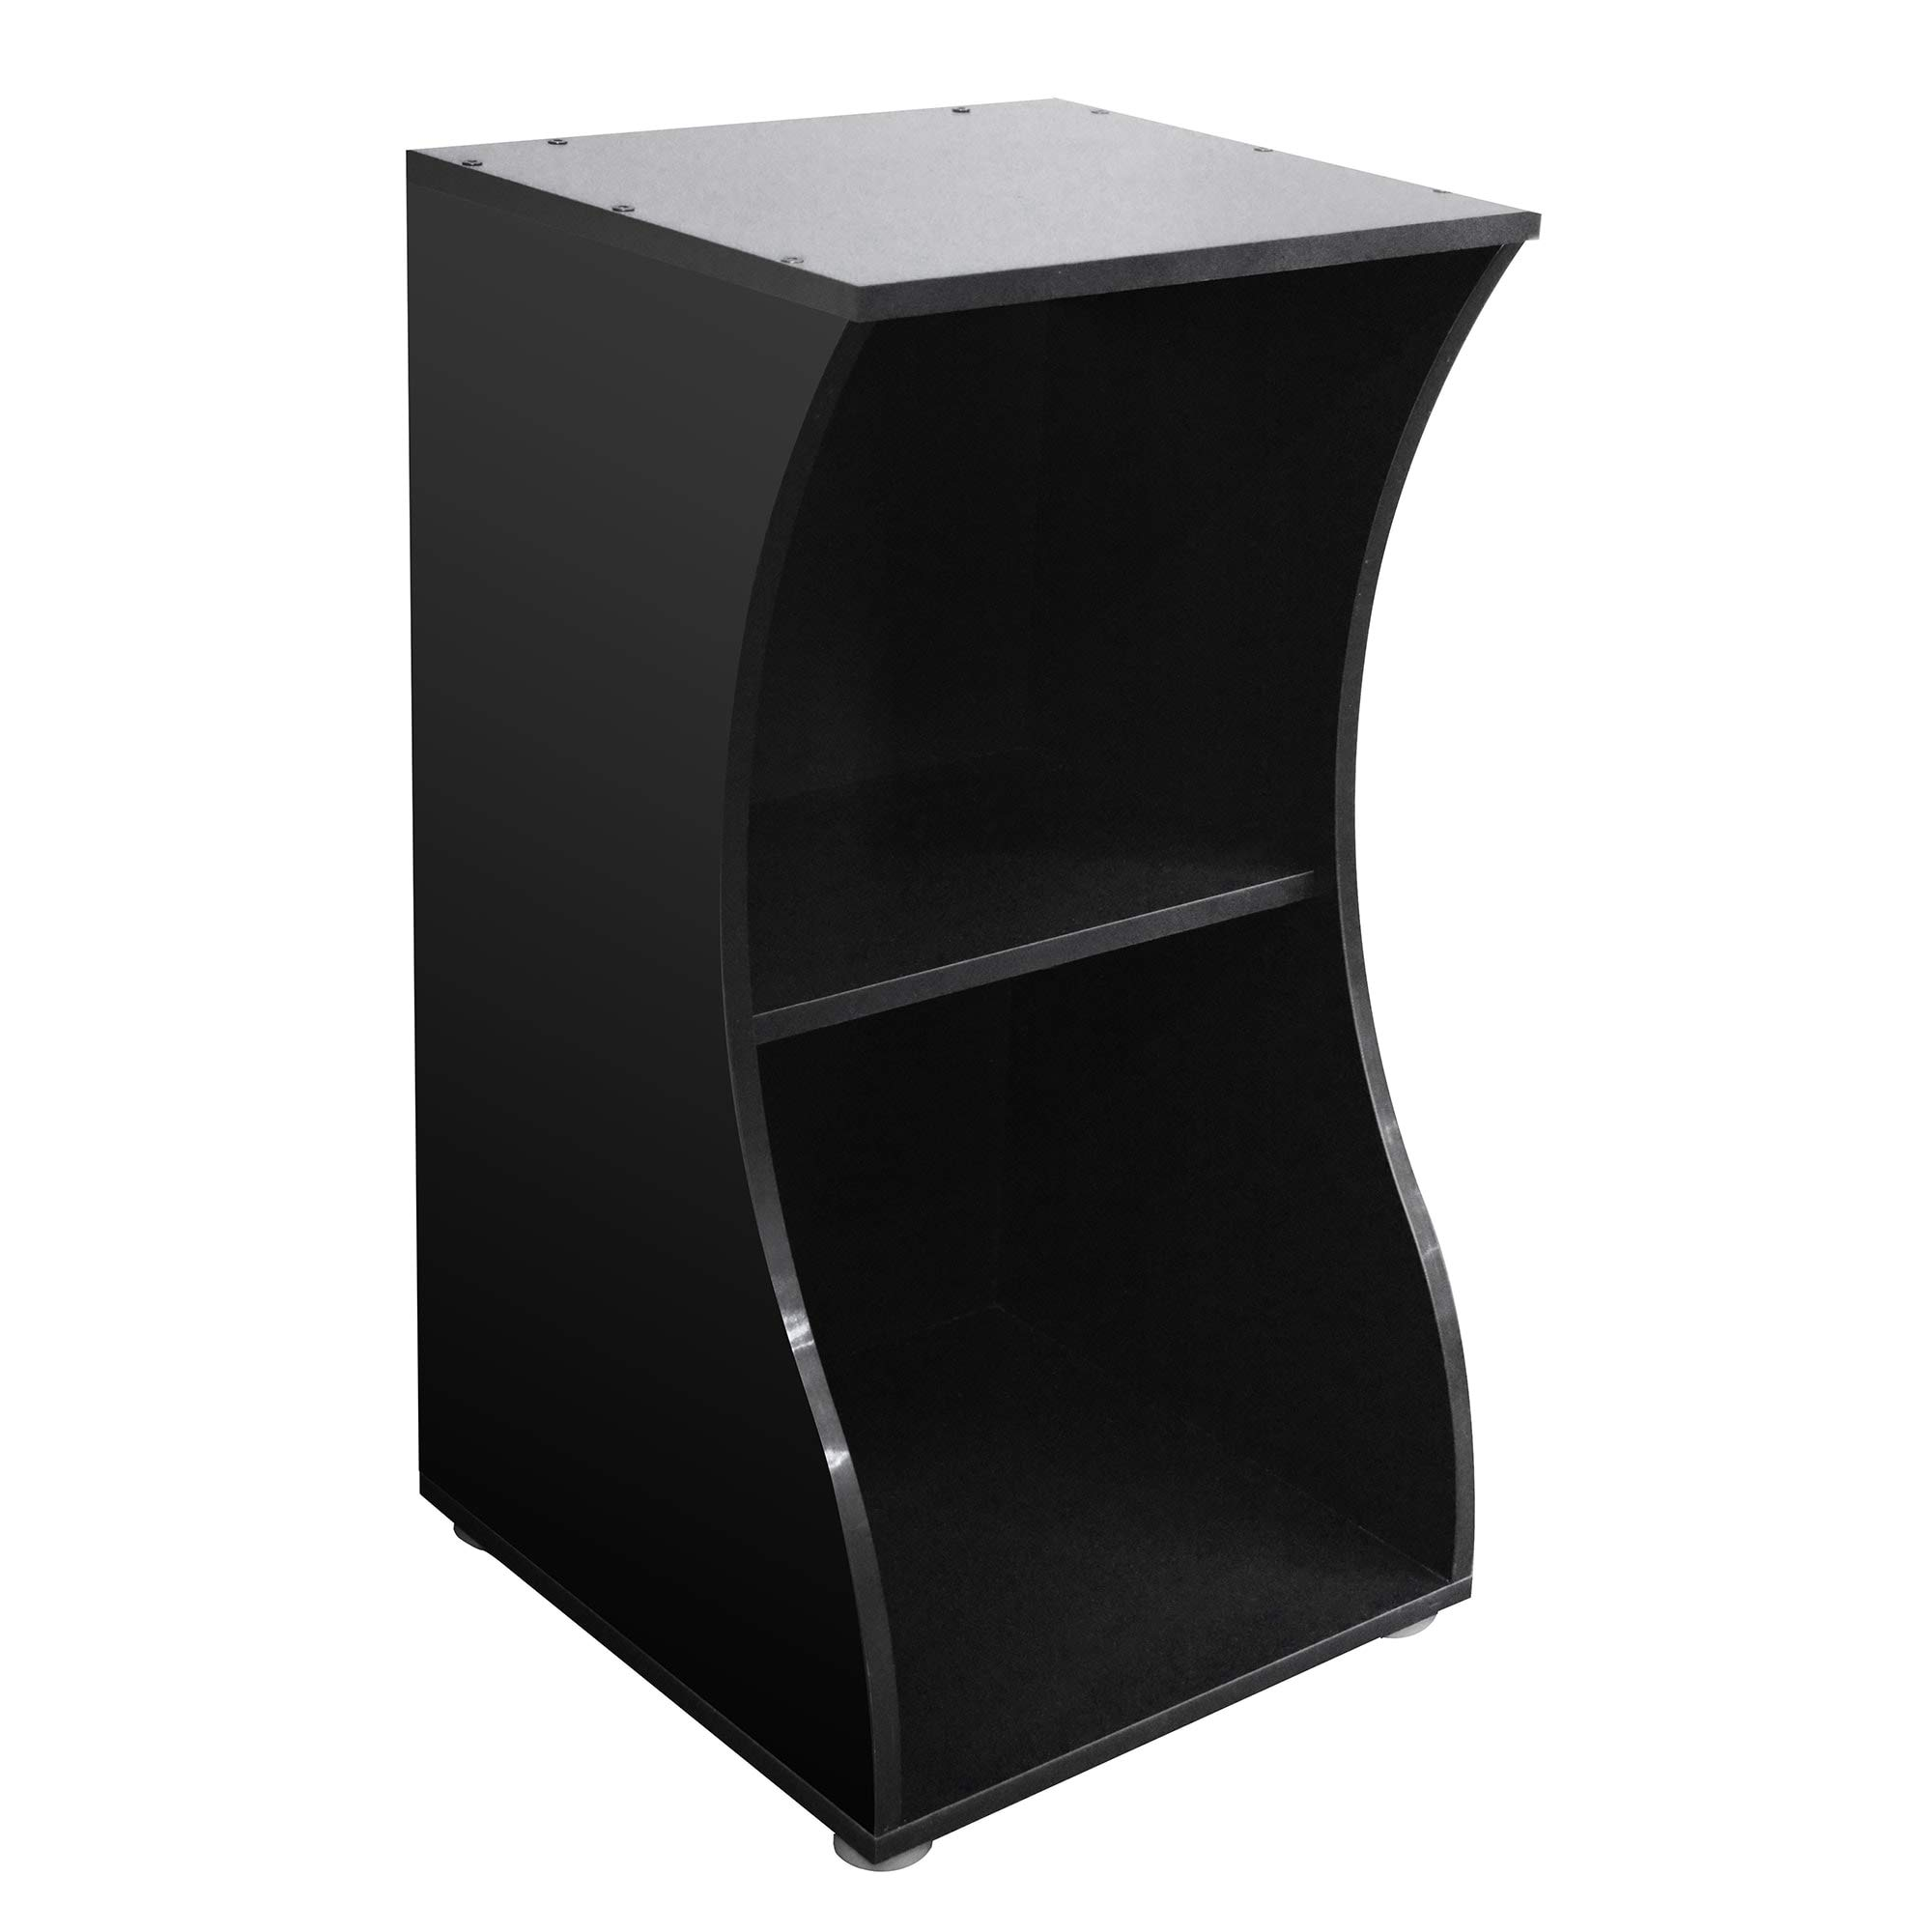 HG Fluval Flex 15g Stand Black, AHG15015